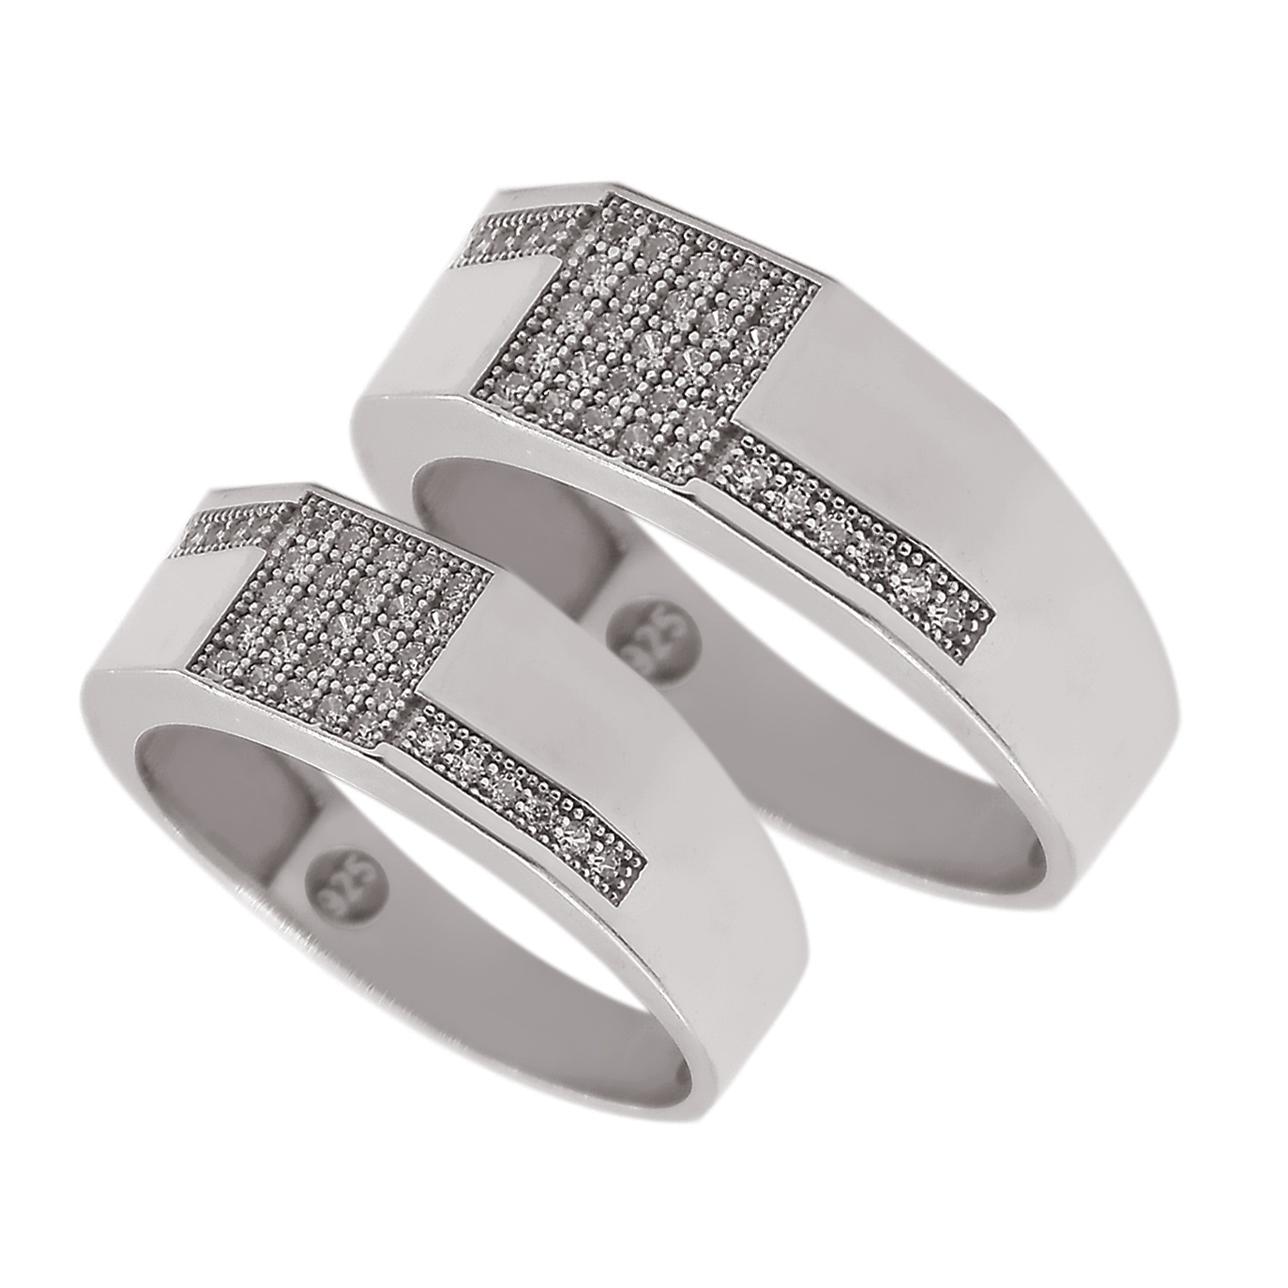 ست انگشتر نقره زنانه و مردانه مدل khod23444